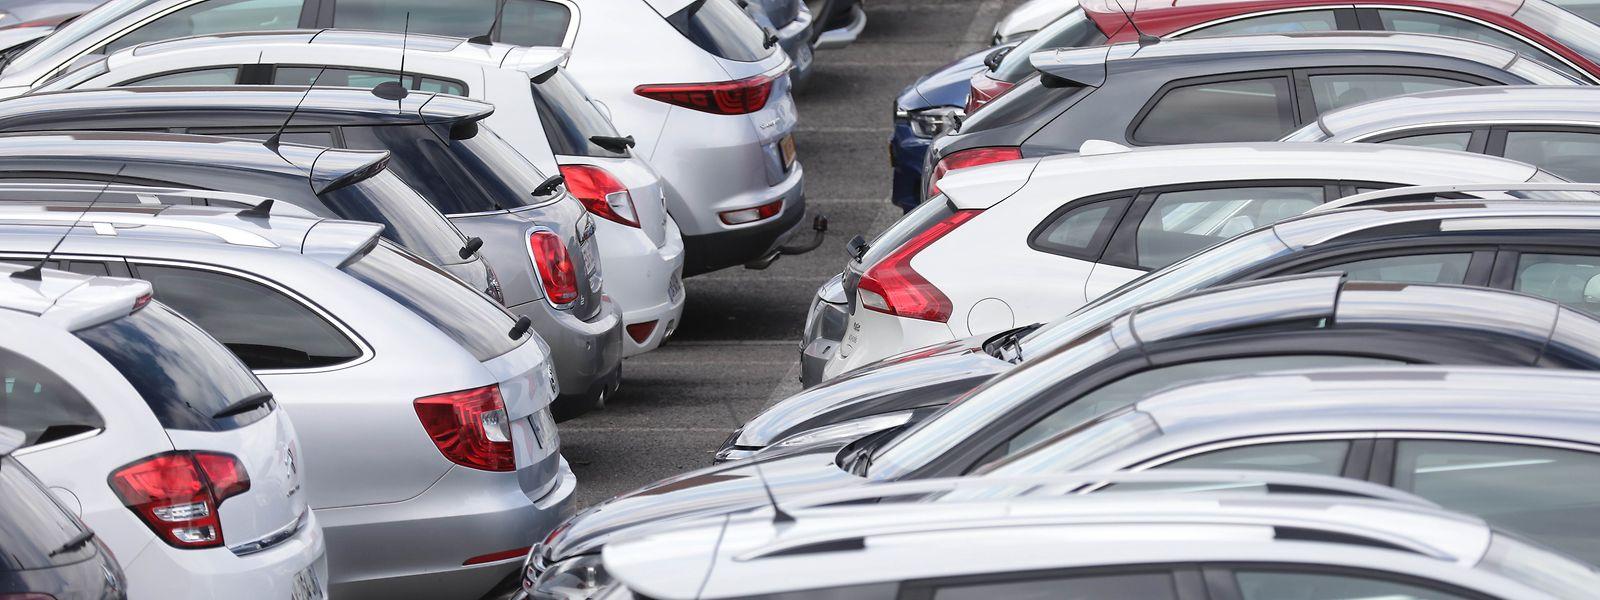 Le Luxembourg compte de plus en plus de voitures.